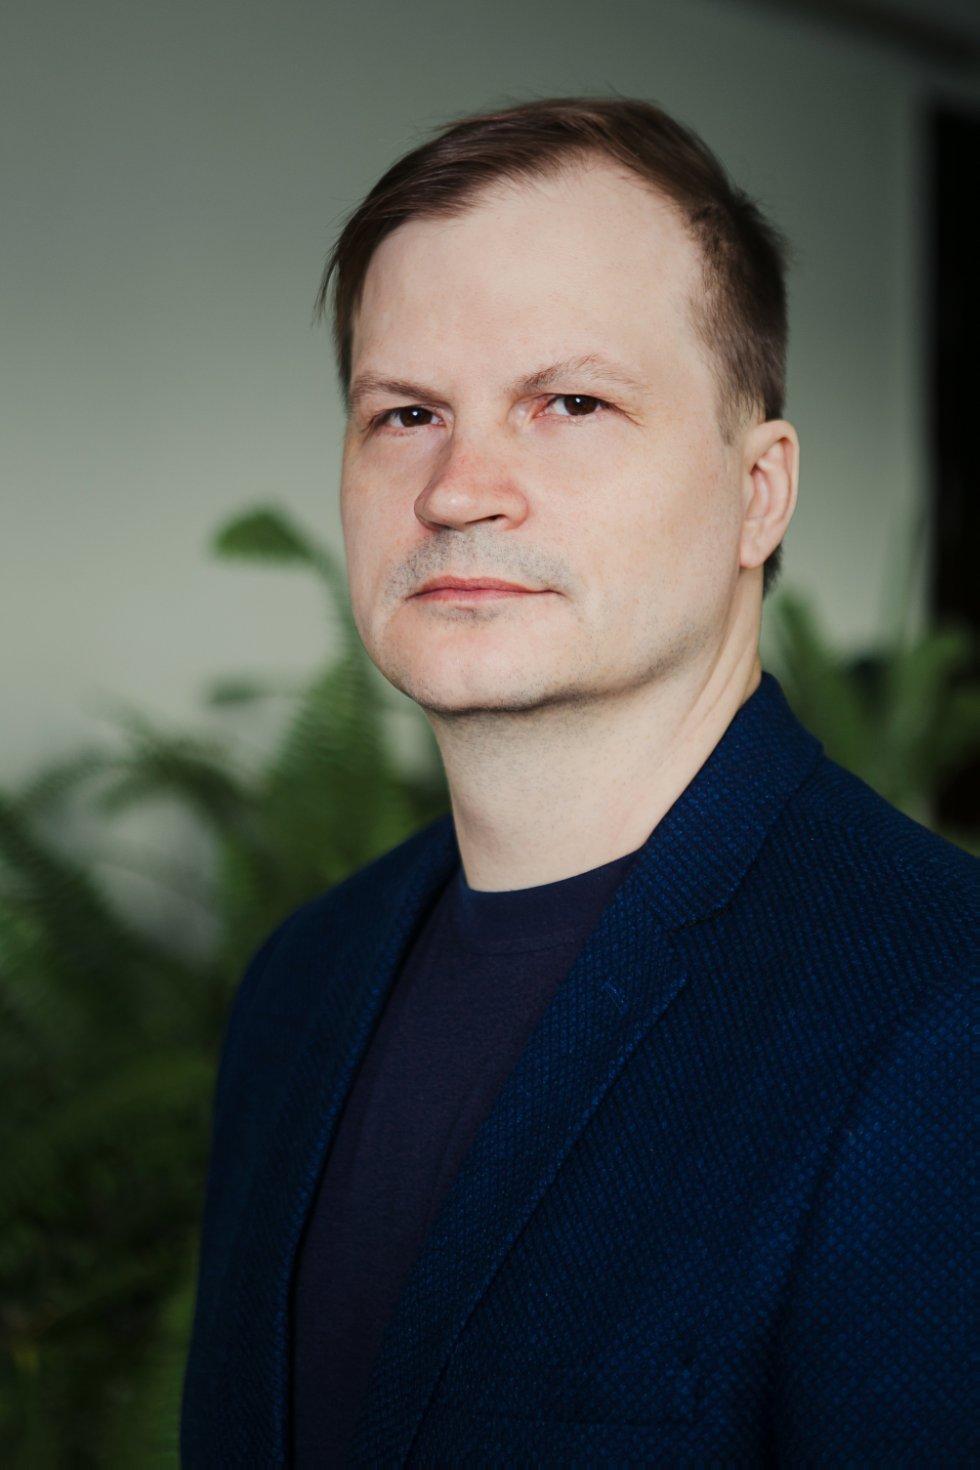 Savinkov Andrey Vladimirovich